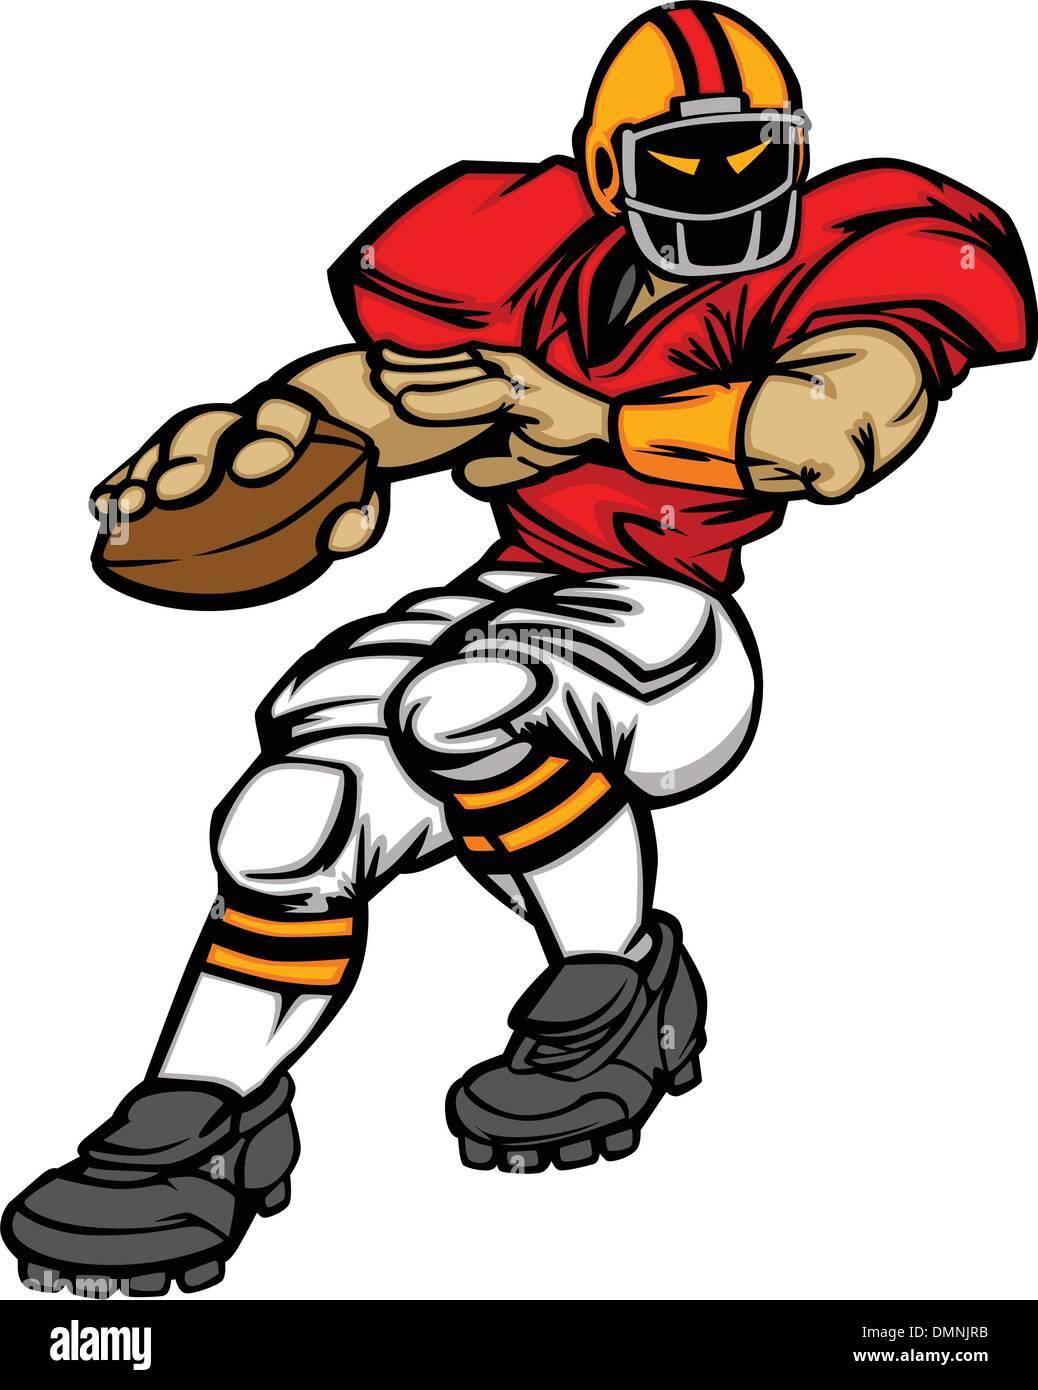 Fußball Spieler Quarterback Vector Cartoon Stockbild